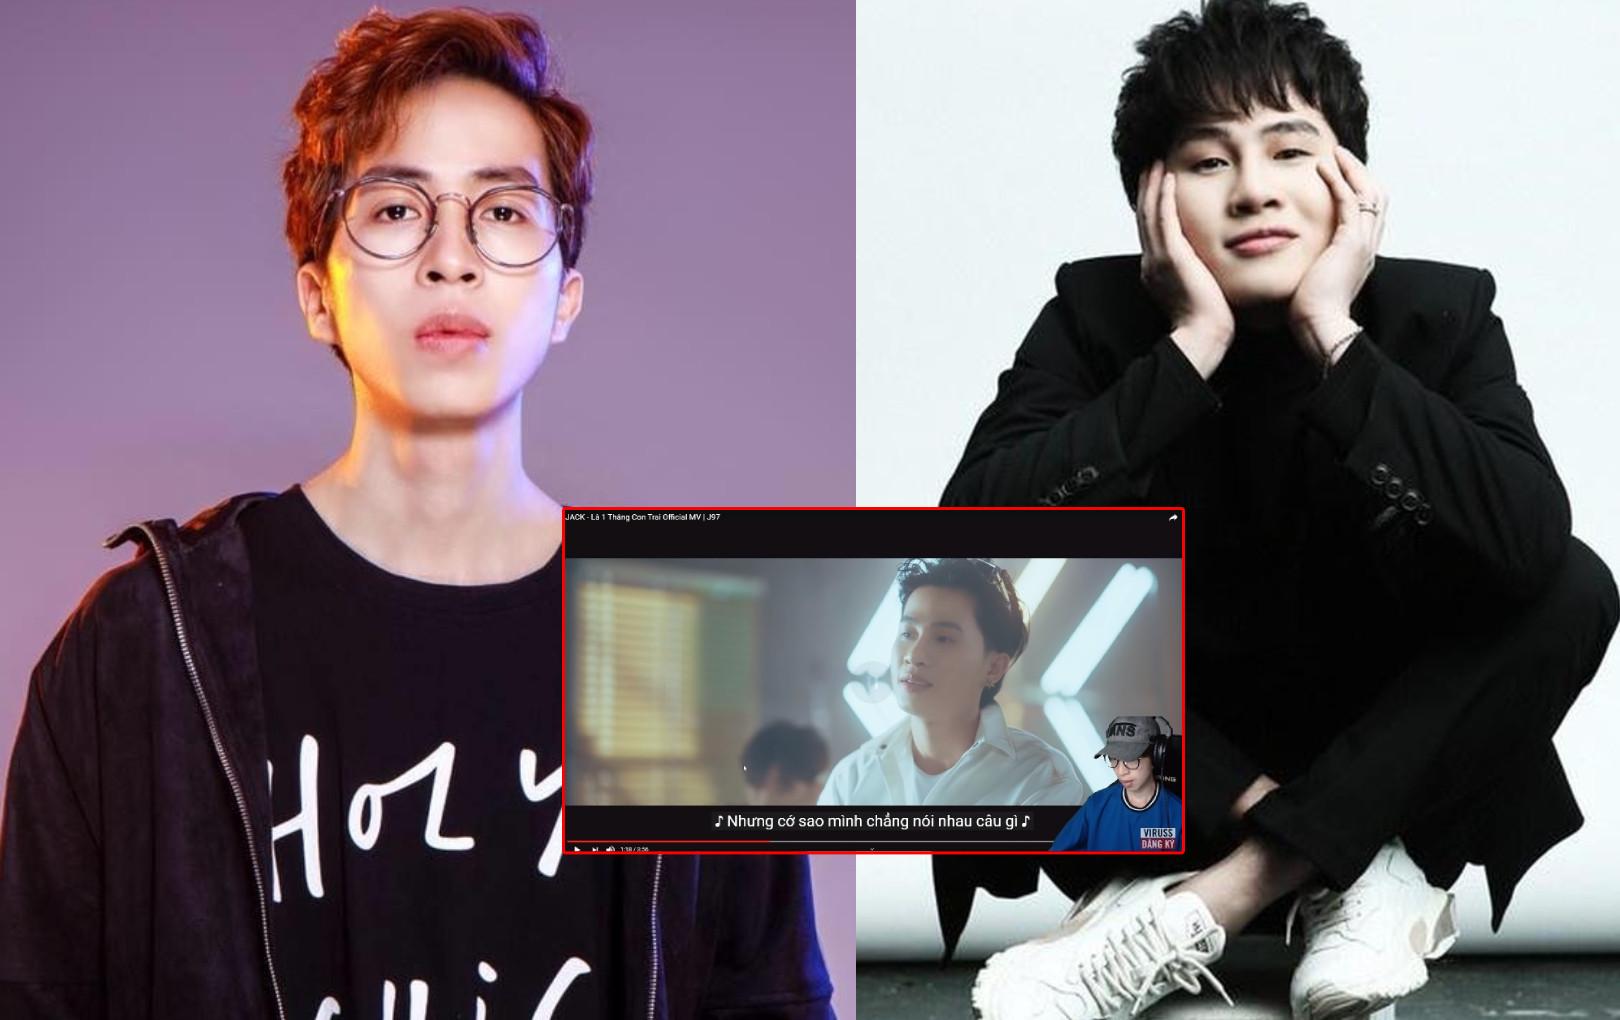 """HOT: ViruSs reaction MV mới của Jack, tiết lộ về dự án """"Đom đóm"""" và hứa sẽ giúp đỡ hết mình"""